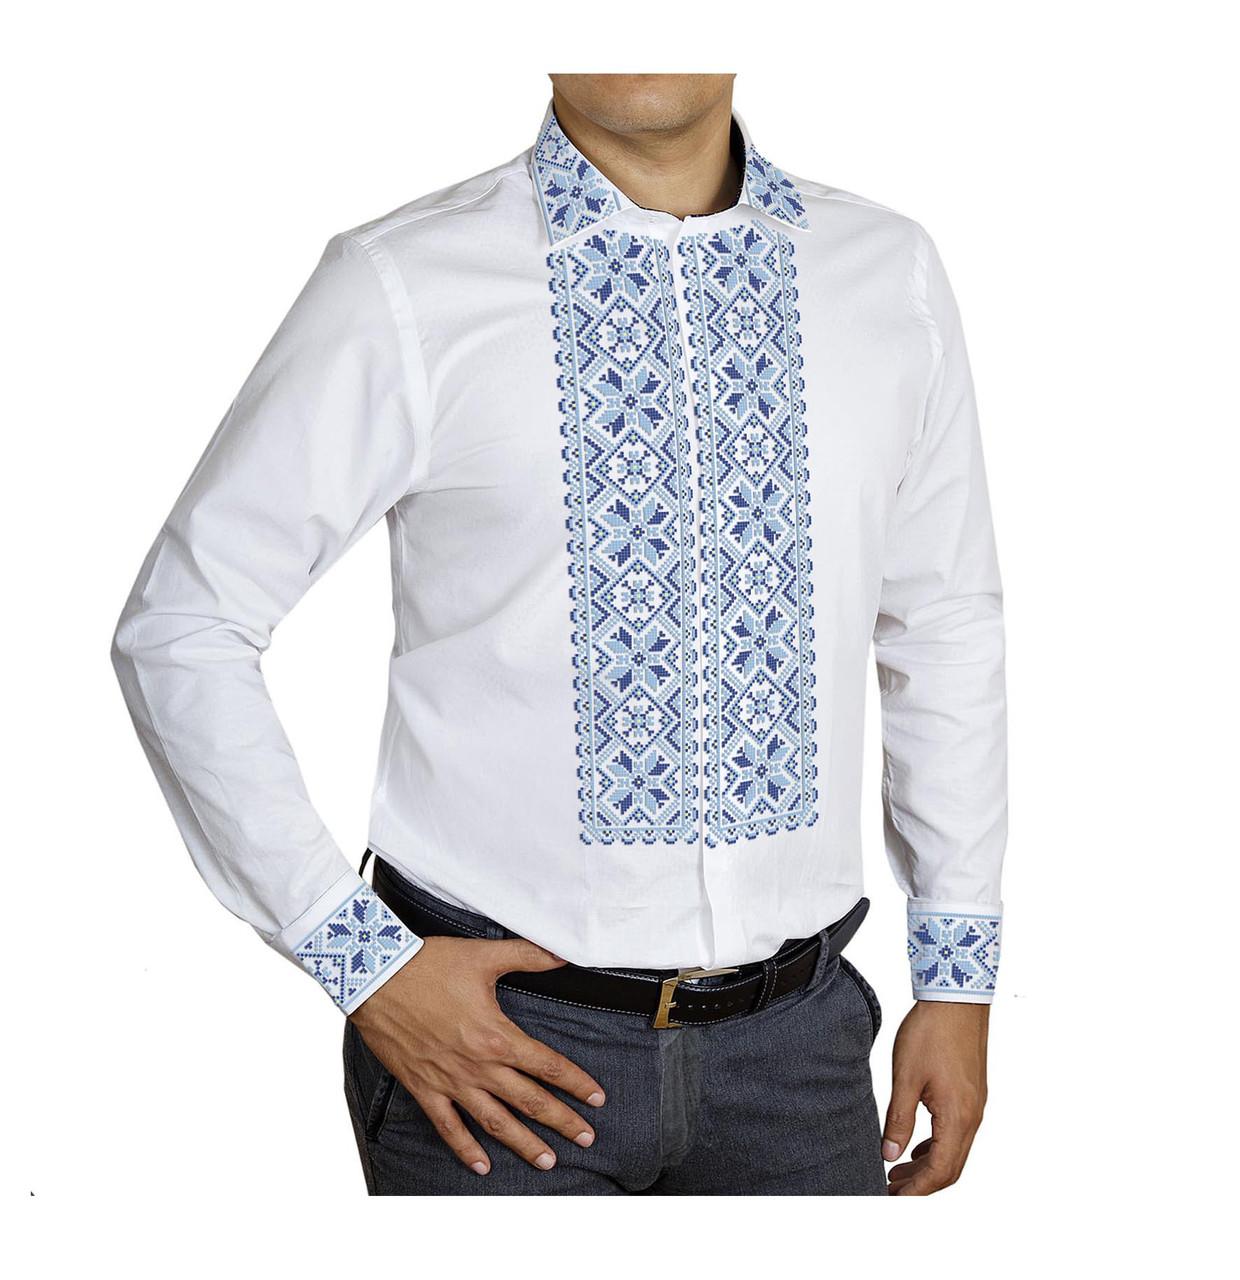 Заготовка чоловічої сорочки та вишиванки для вишивки чи вишивання бісером Бисерок «Сині зірочки» (Ч-504 Г )